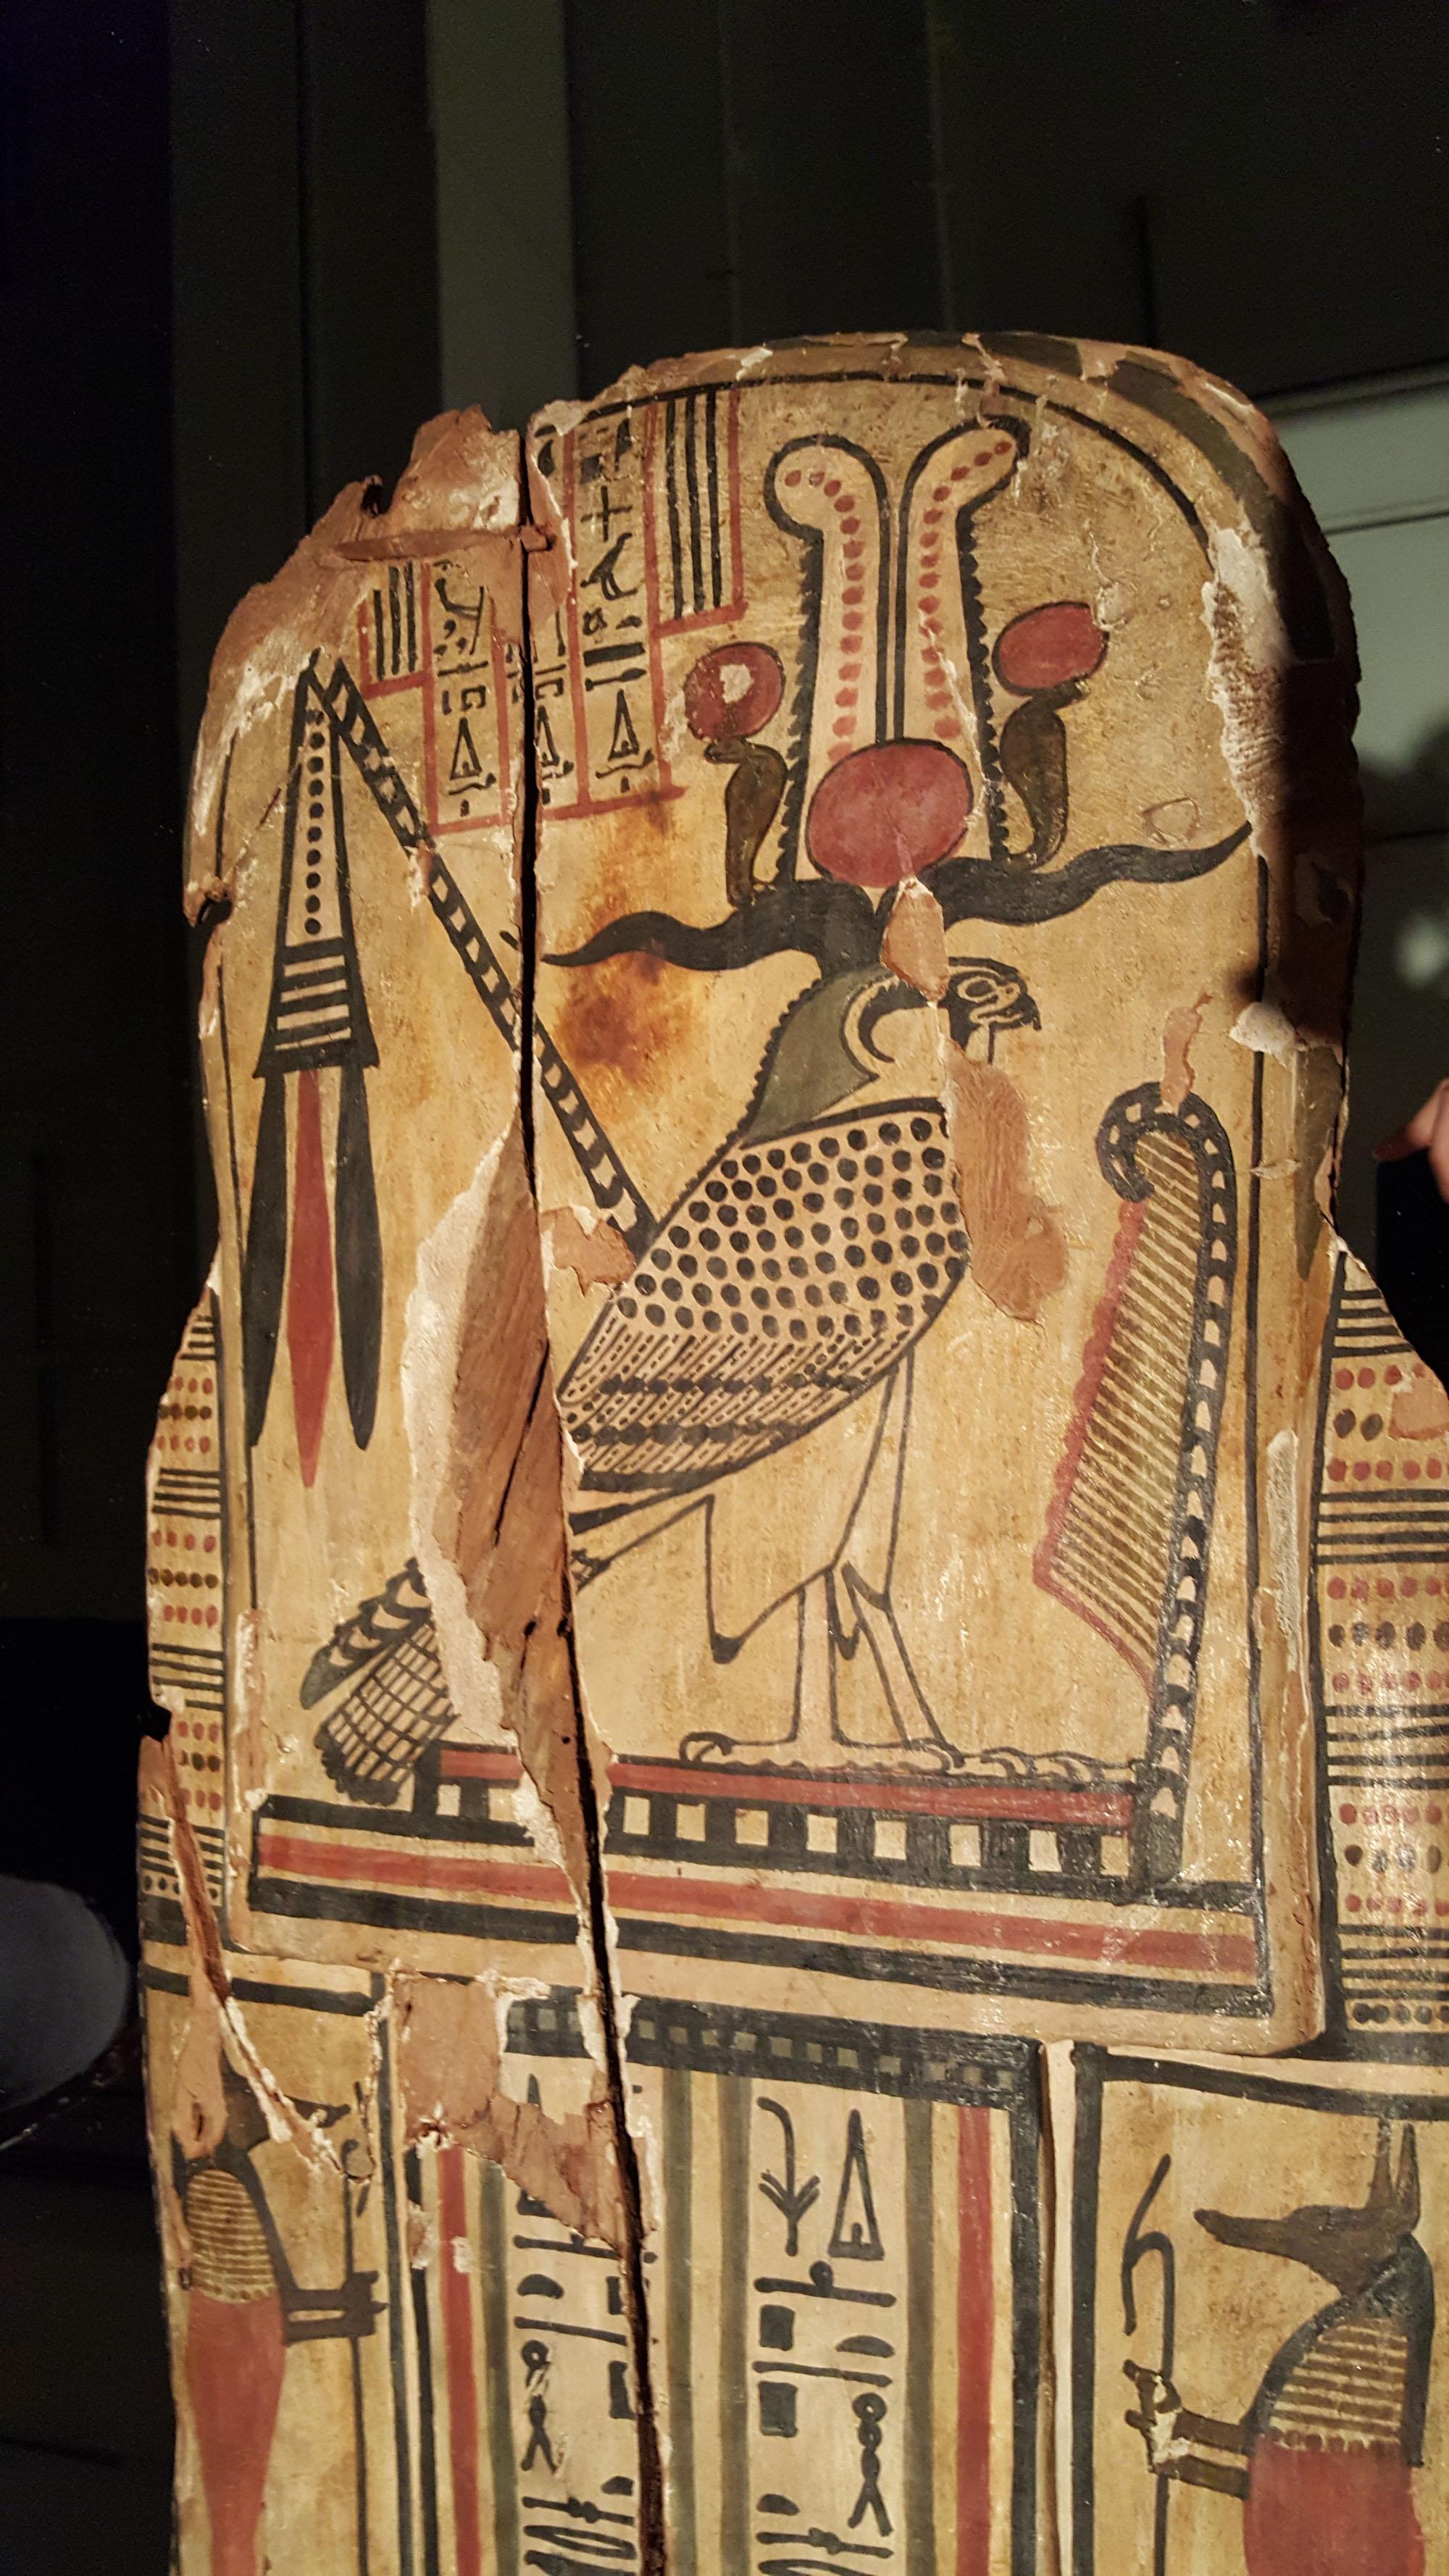 Représentation au dos du sarcophage d'Hetep-Bastet du dieu Ptah-Sokar-Osiris sous la forme d'un faucon.